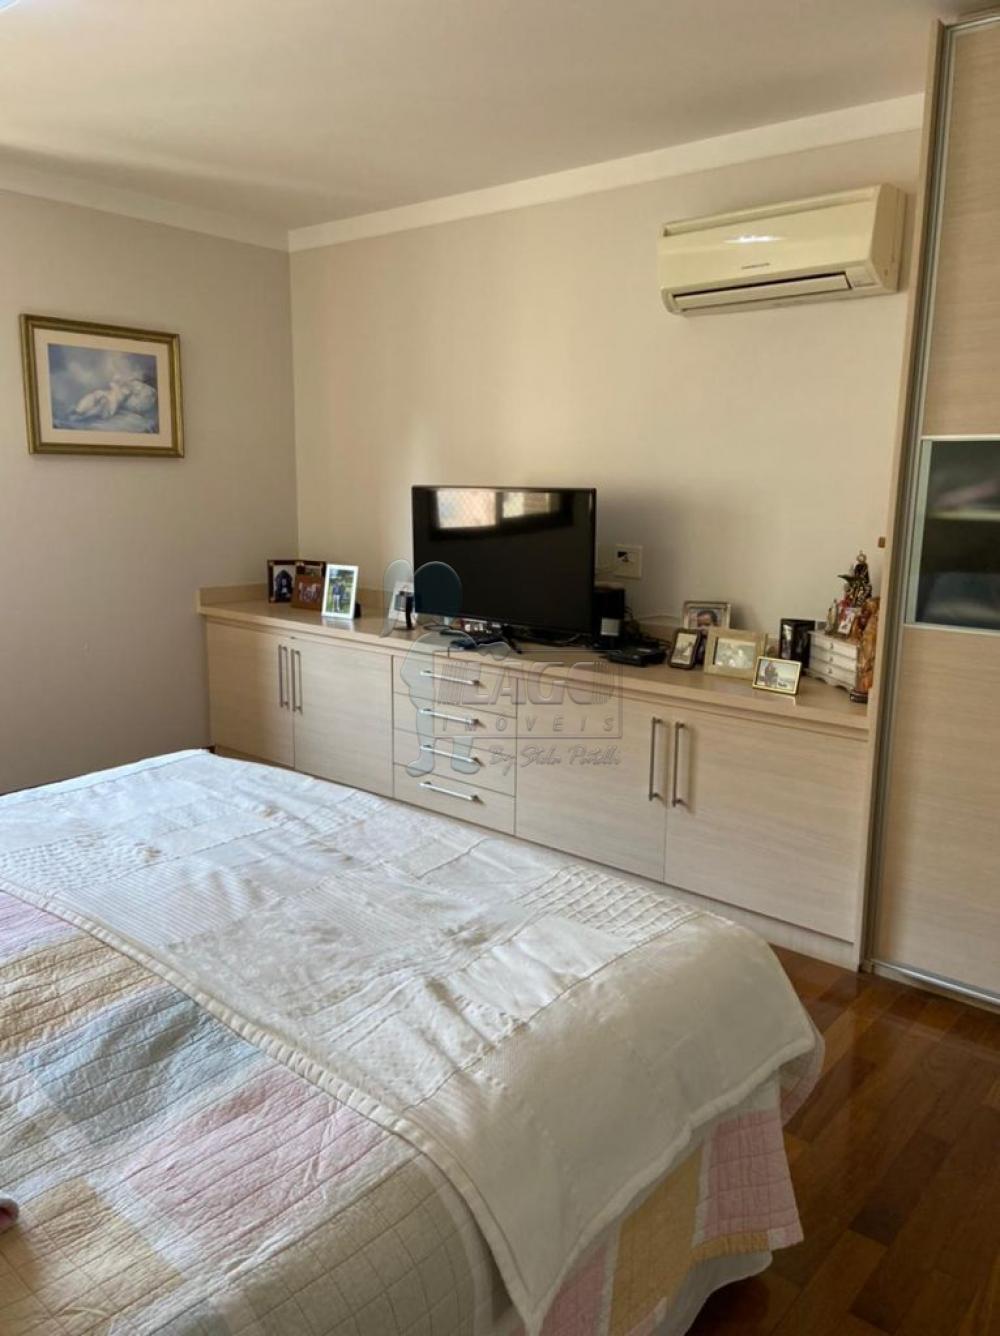 Comprar Apartamento / Padrão em Ribeirão Preto R$ 1.300.000,00 - Foto 9